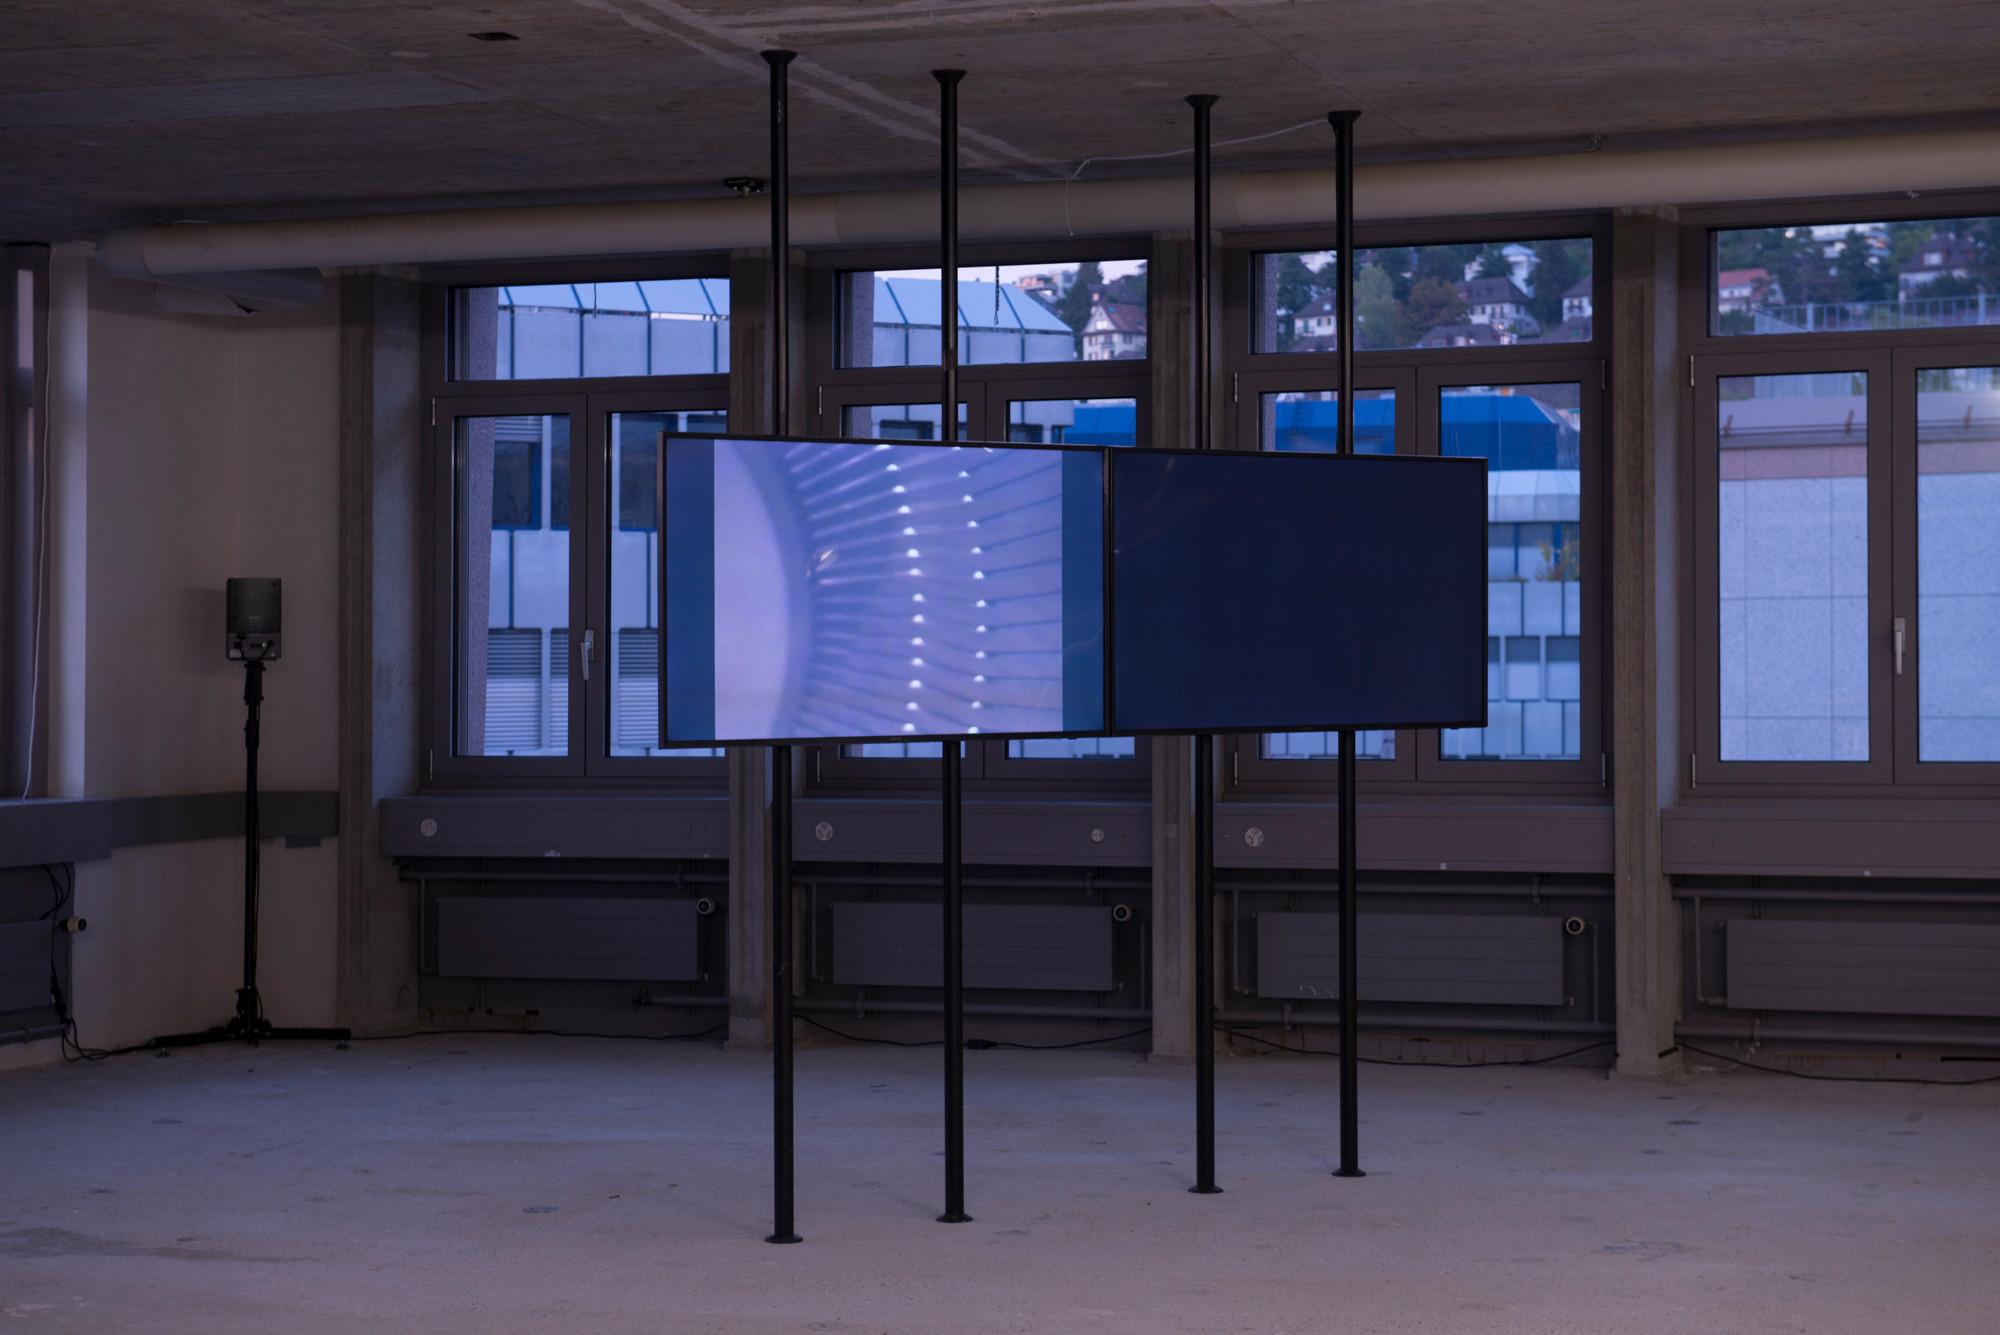 Master Fine Arts Degree Show, Zürcher Hochschule der Künste, 2016